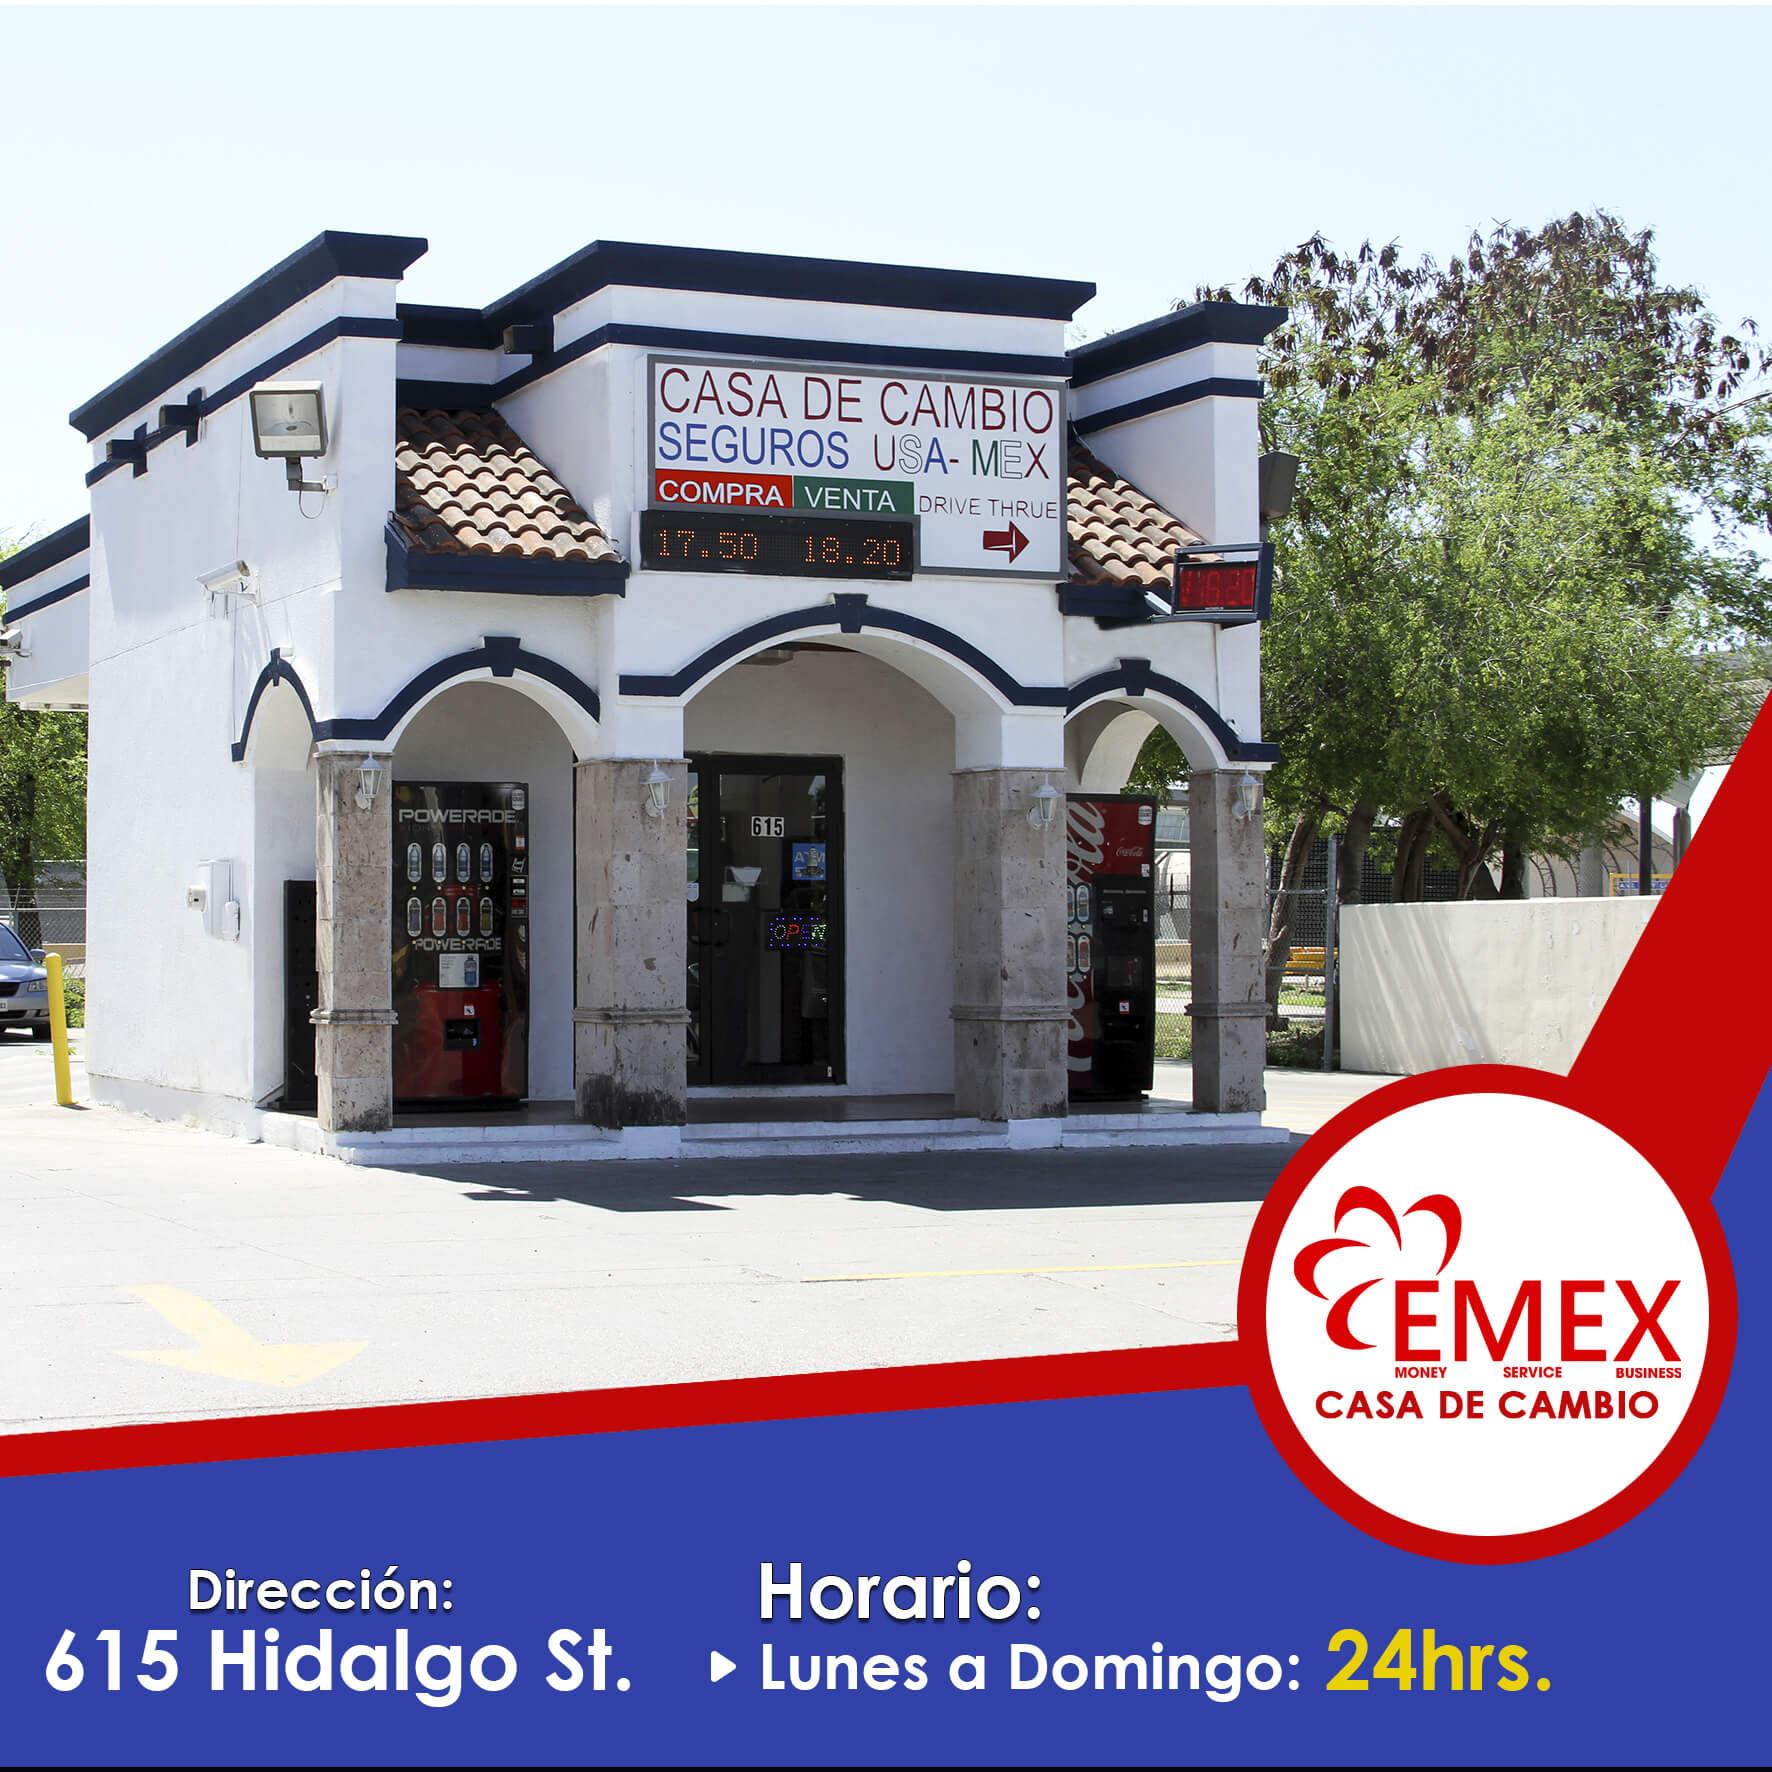 Puente (615 Hidalgo)